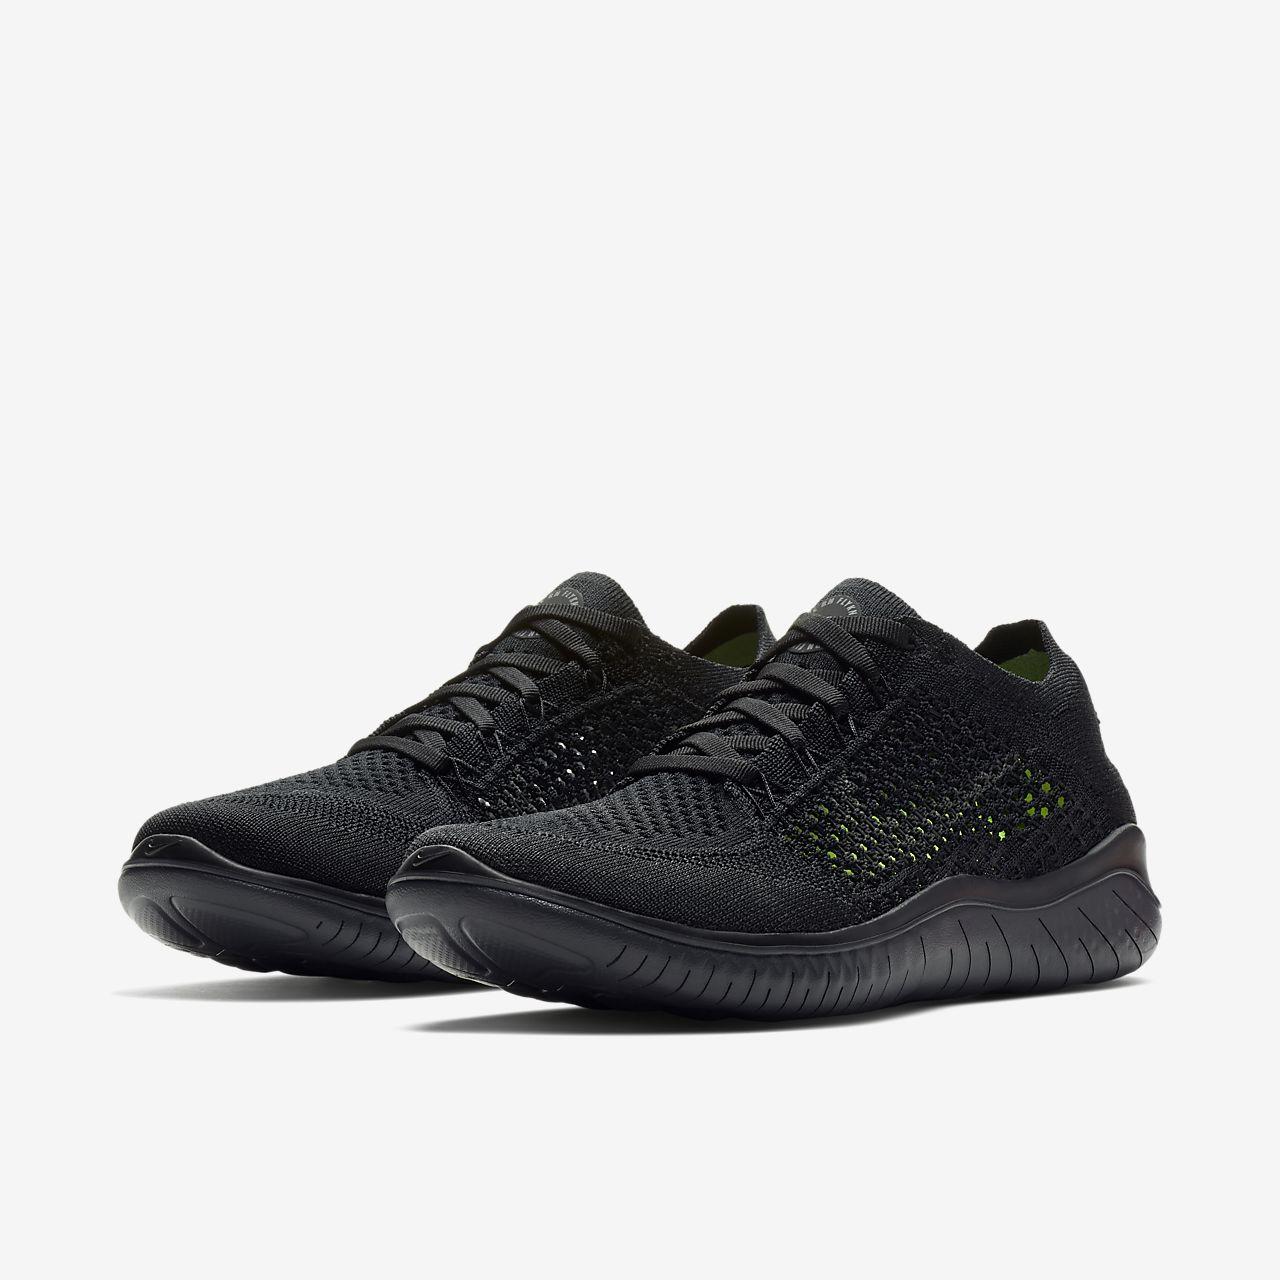 490e4d27b27d Nike Free RN Flyknit 2018 Women s Running Shoe. Nike.com